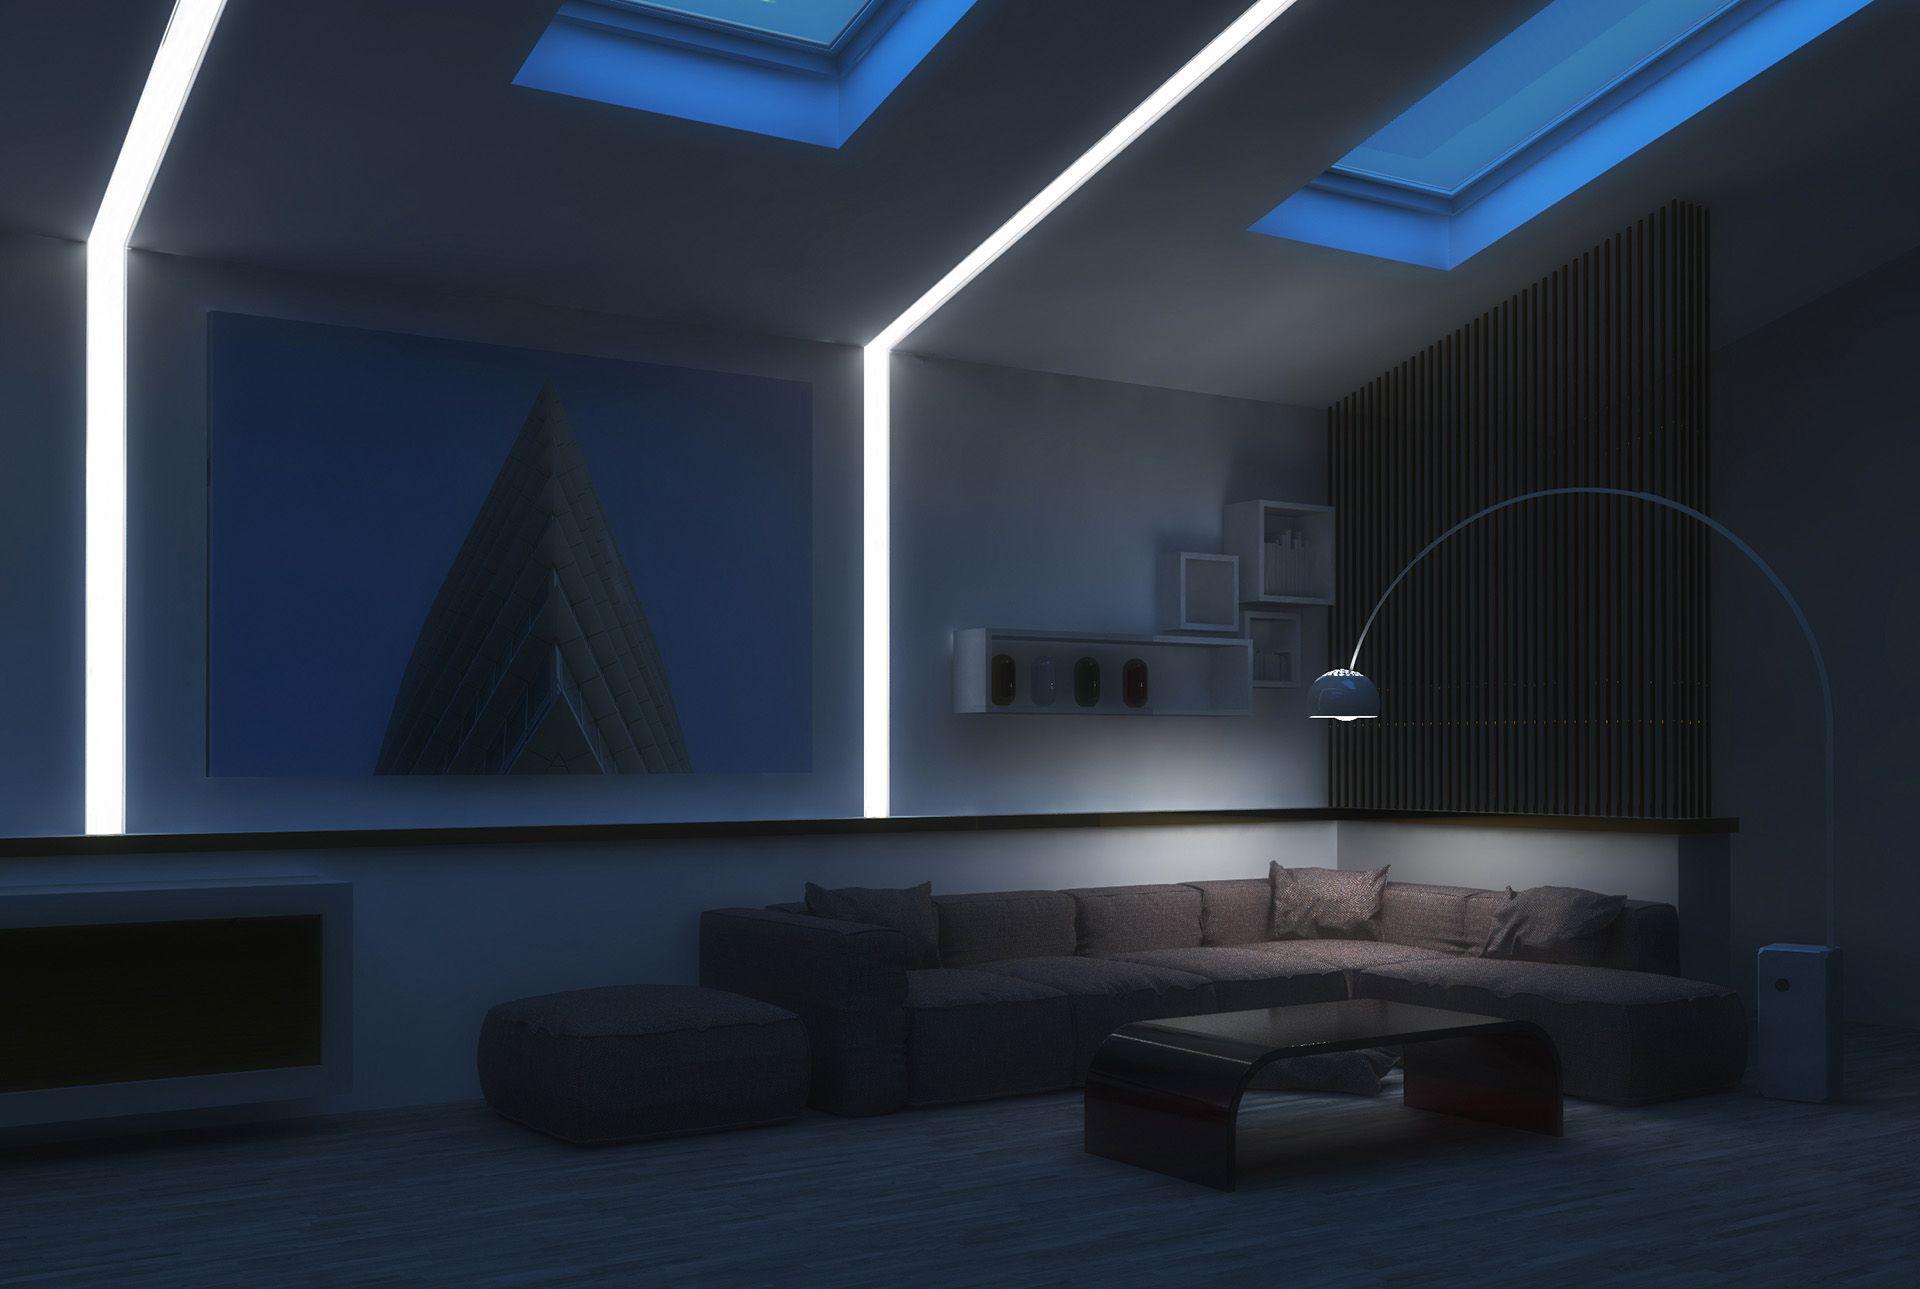 Cornici per illuminazione indiretta eleni lighting news - Esempi di illuminazione a led per interni ...